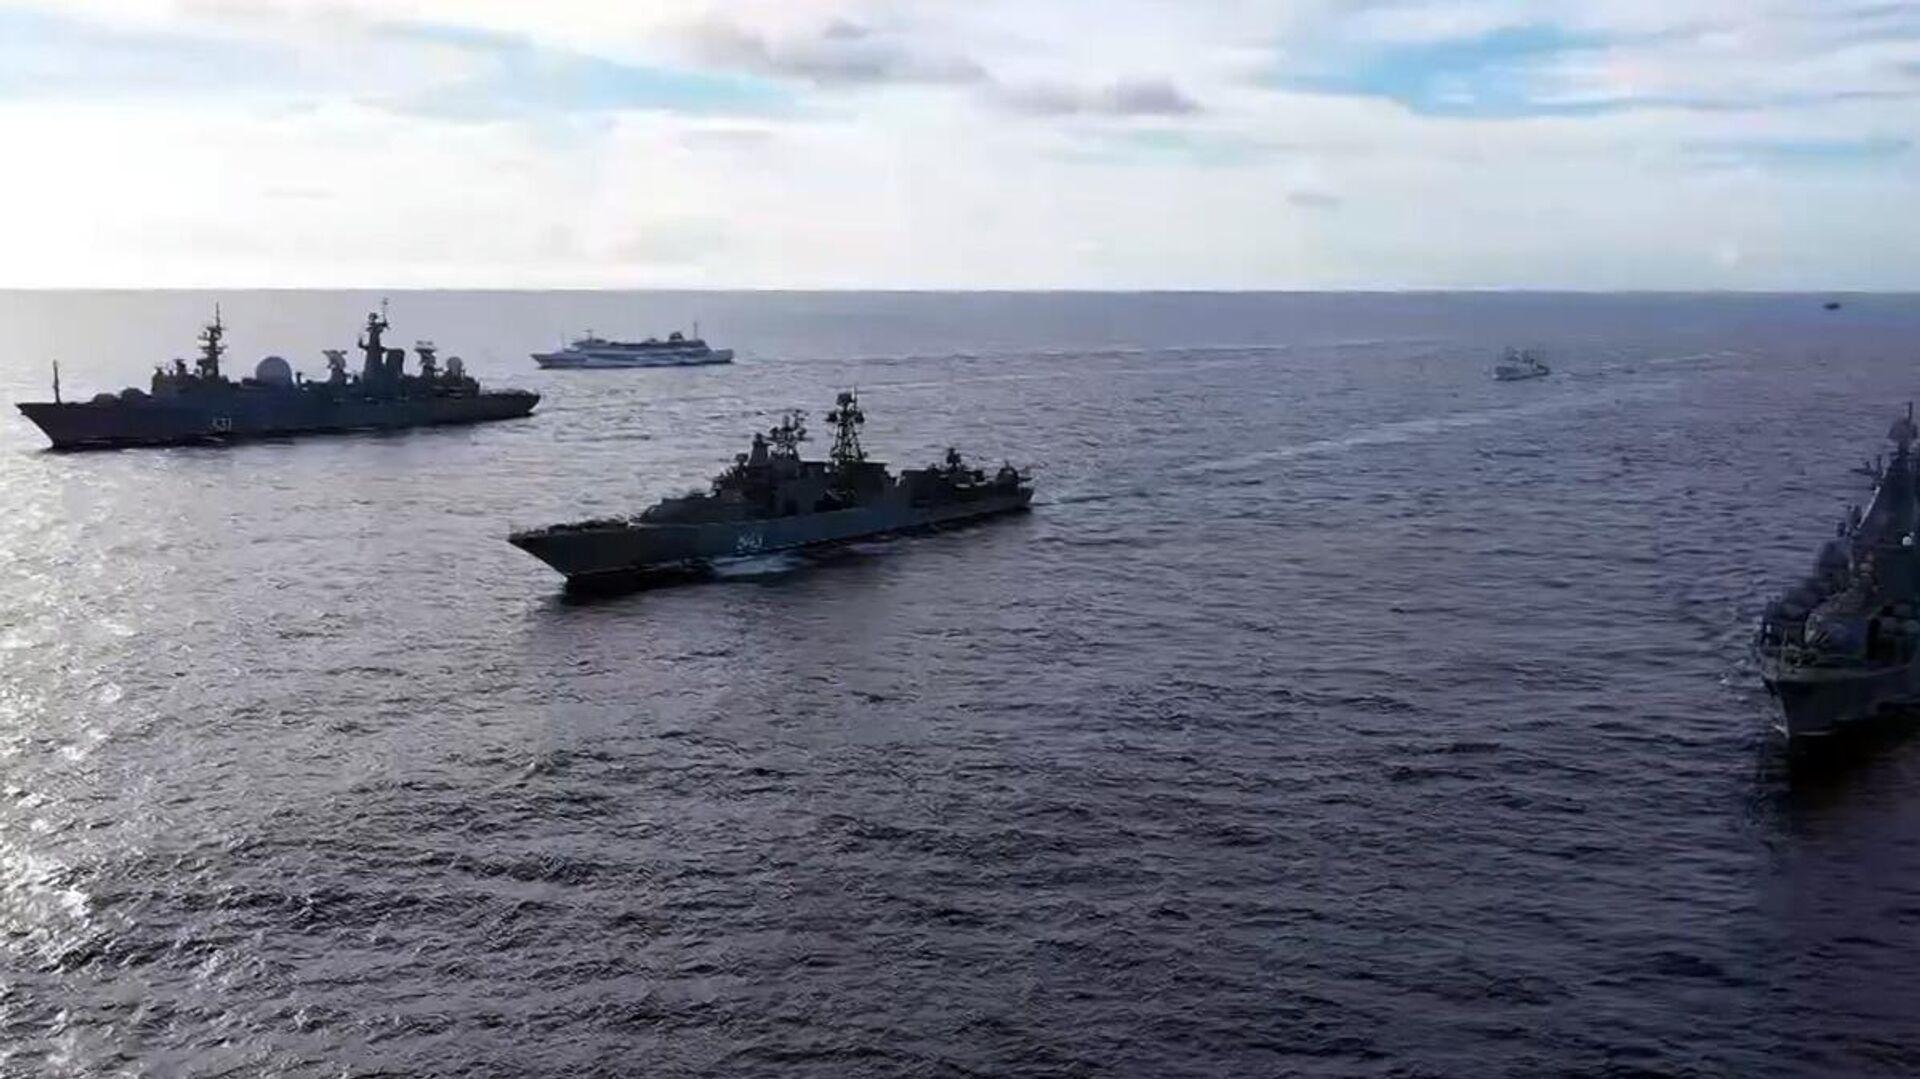 Тактическая группа надводных боевых кораблей Тихоокеанского флота во время проведения оперативных учений разнородных сил флота в дальней морской зоне в Тихом океане - РИА Новости, 1920, 21.06.2021